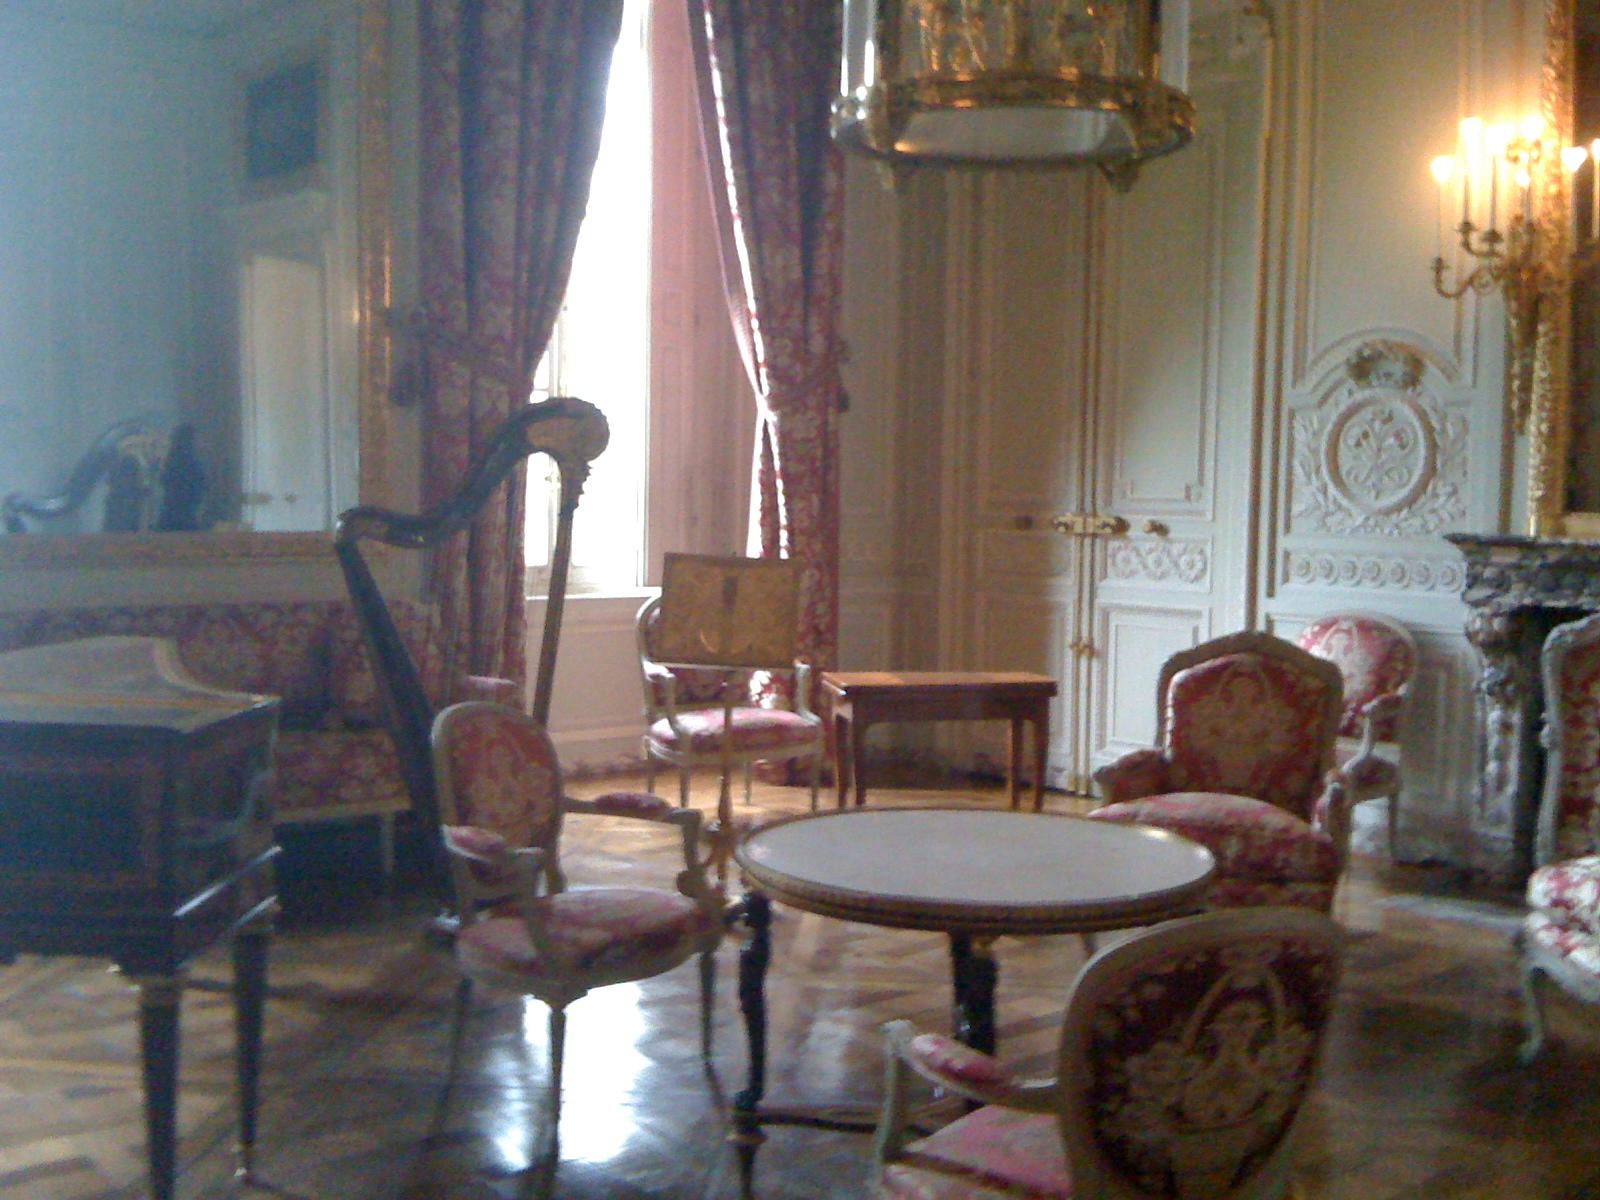 Camera Da Letto Stile Parigi : Hotel le narcisse blanc parigi francia camera da letto in